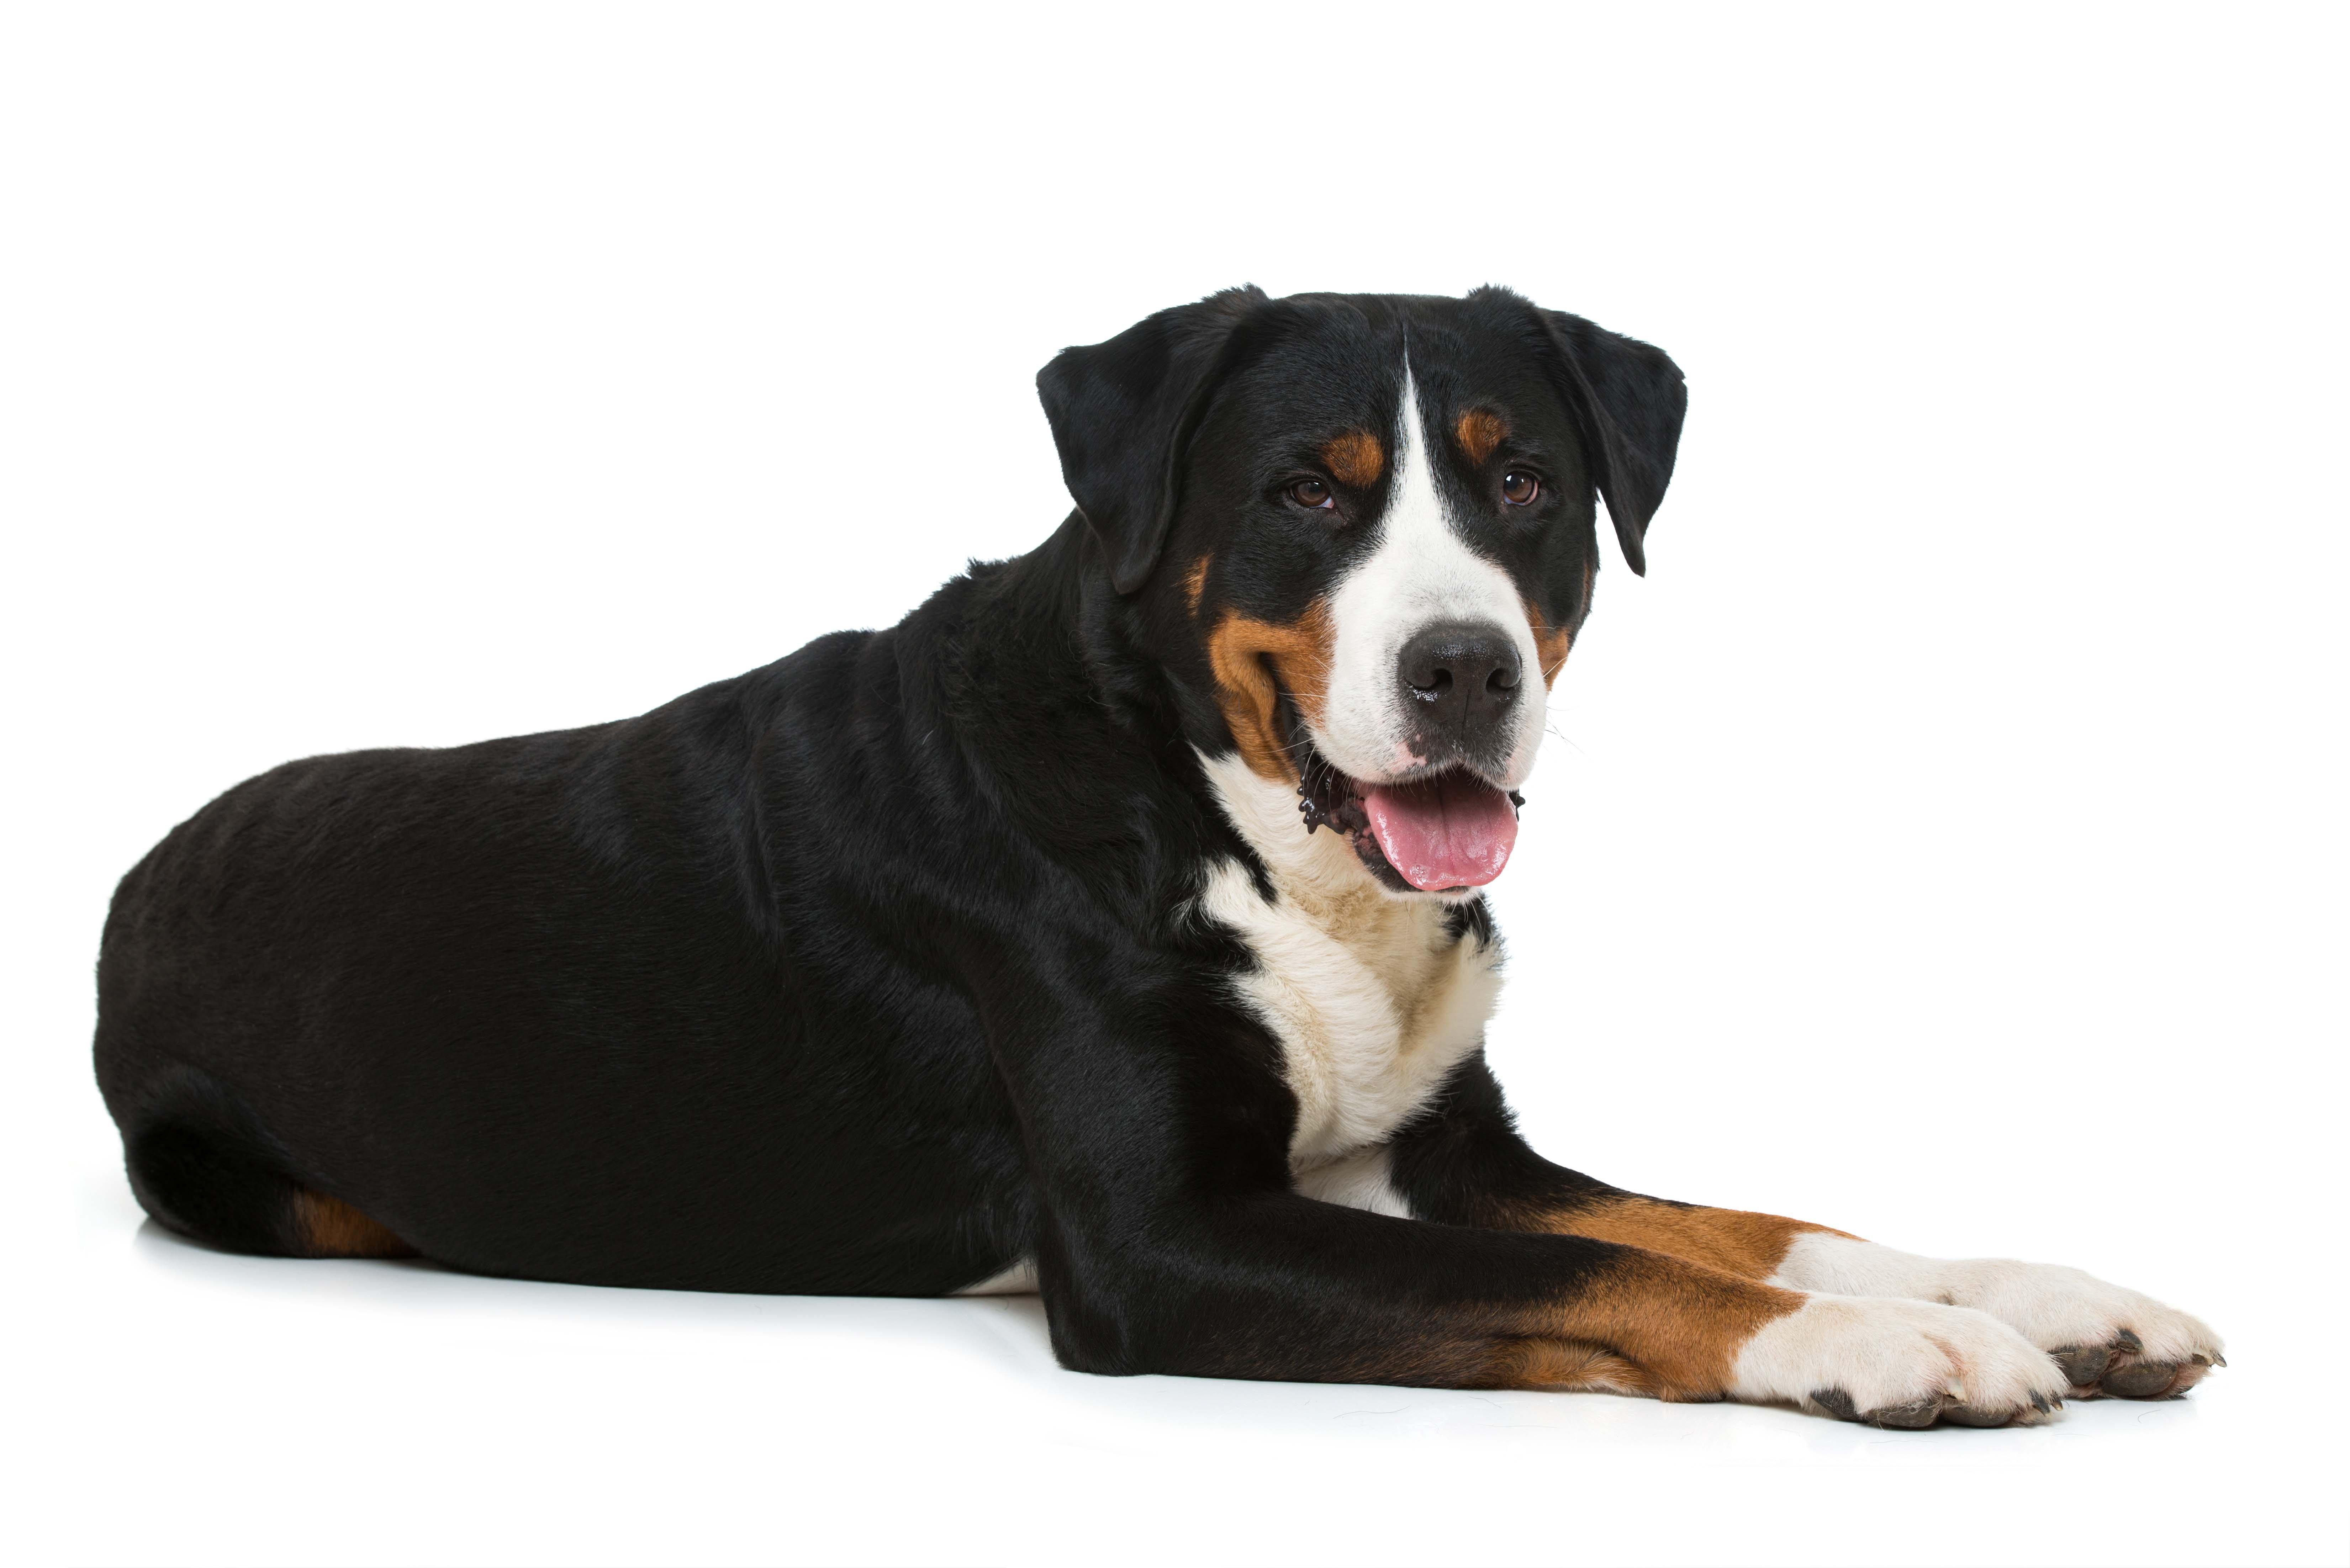 Großer Schweizer Sennenhund liegend